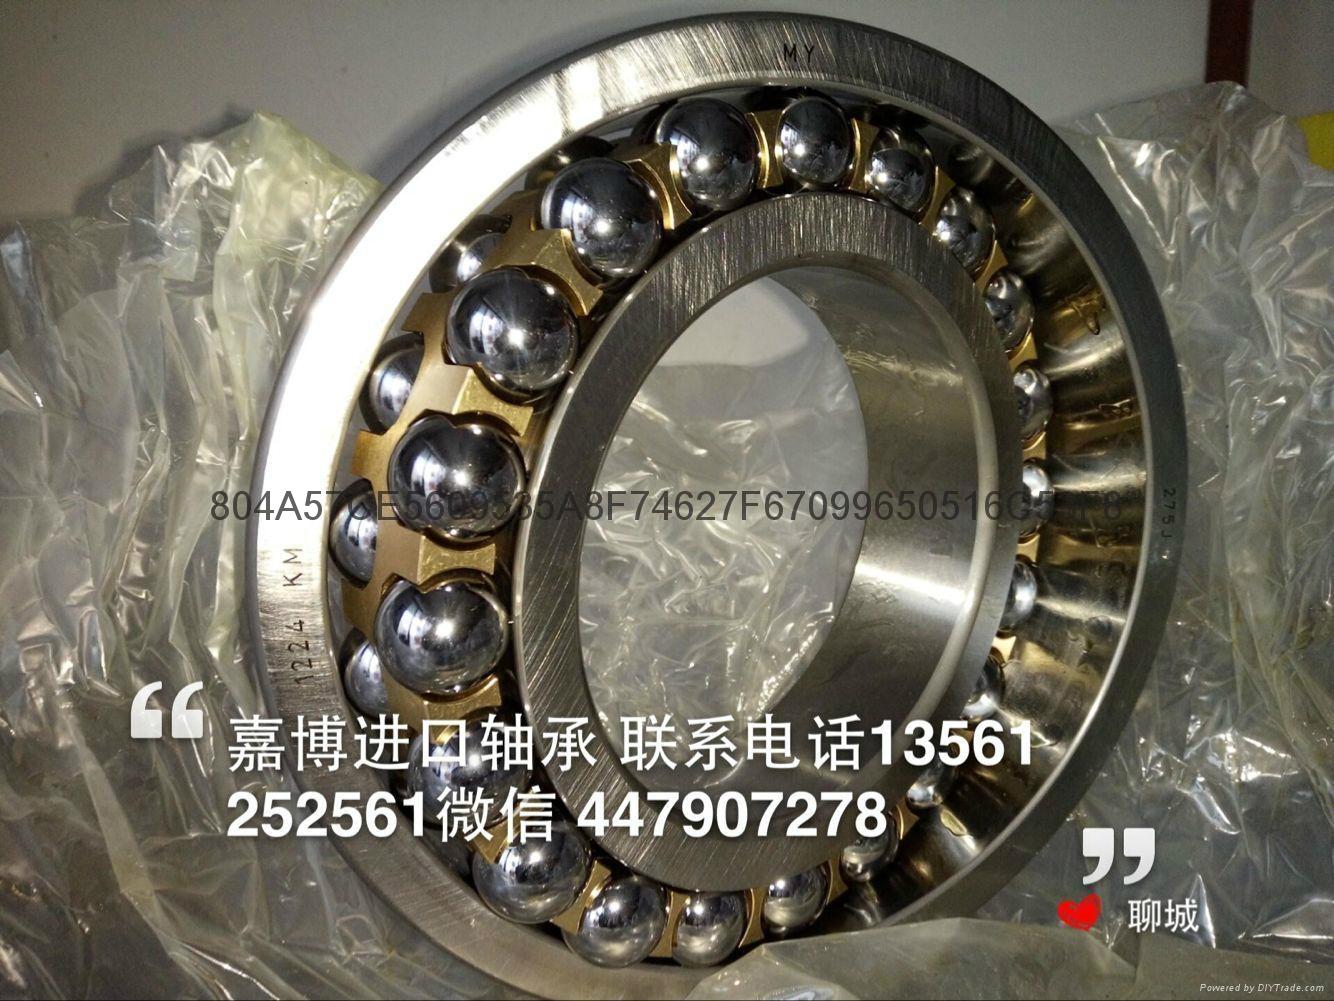 SKF1224KM調心球進口軸承 1